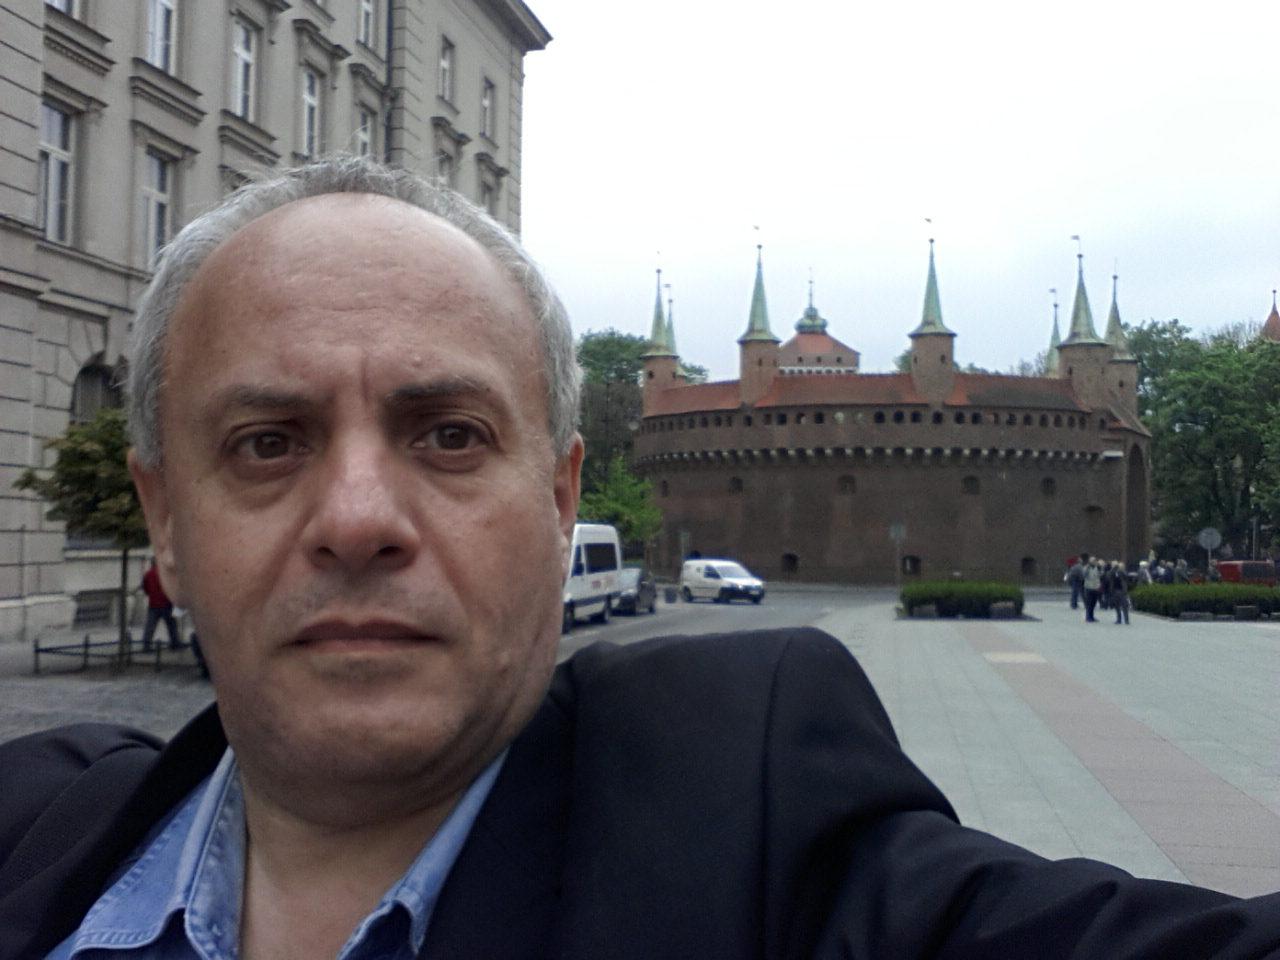 Соломон Манн: Украинцы вызывают в ЕС омерзение. Неужели в стране все такие, как Ляшко?